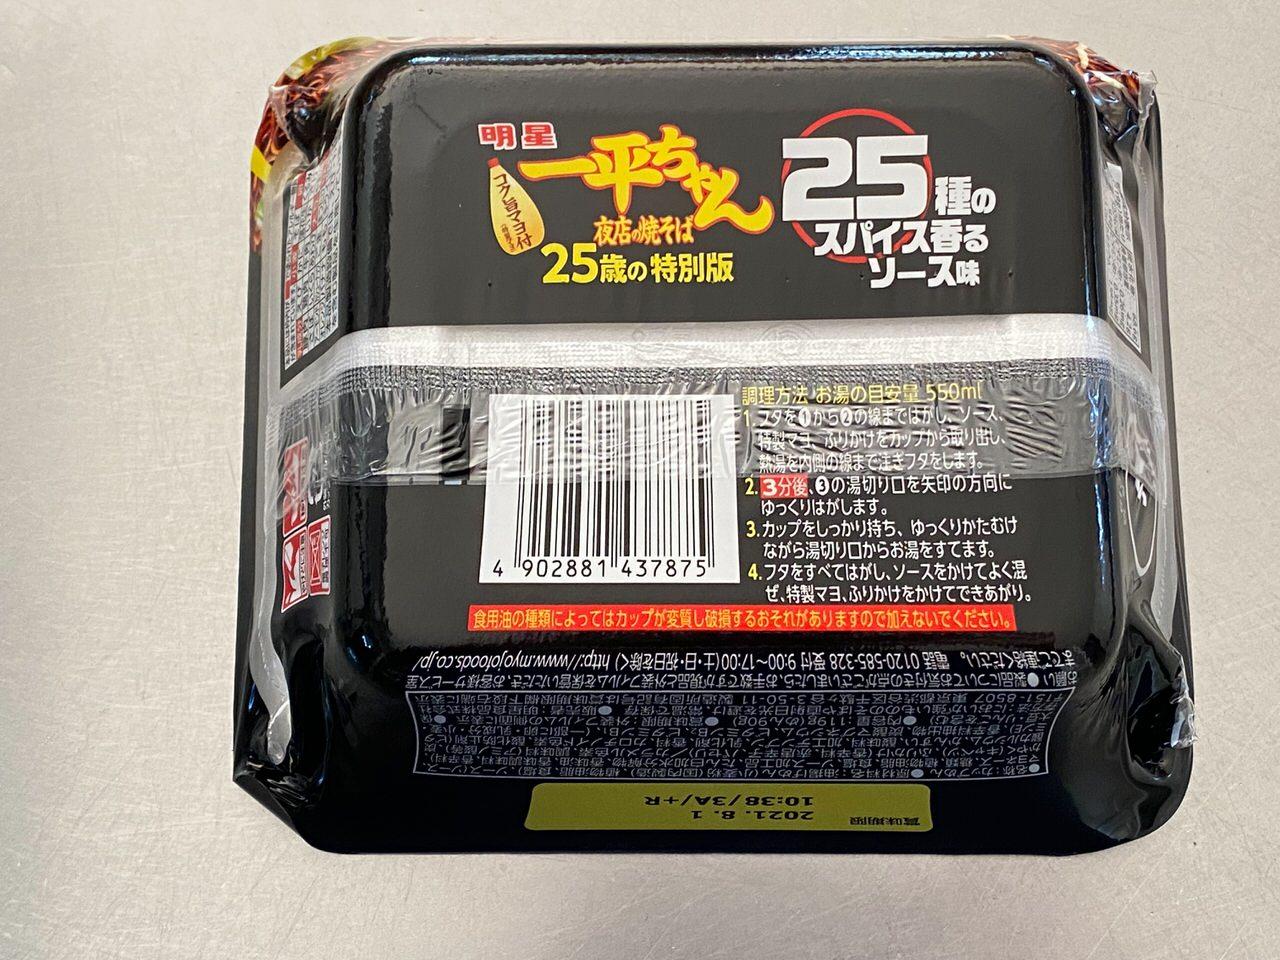 一平ちゃん夜店の焼そば 25種のスパイス香るソース味 06